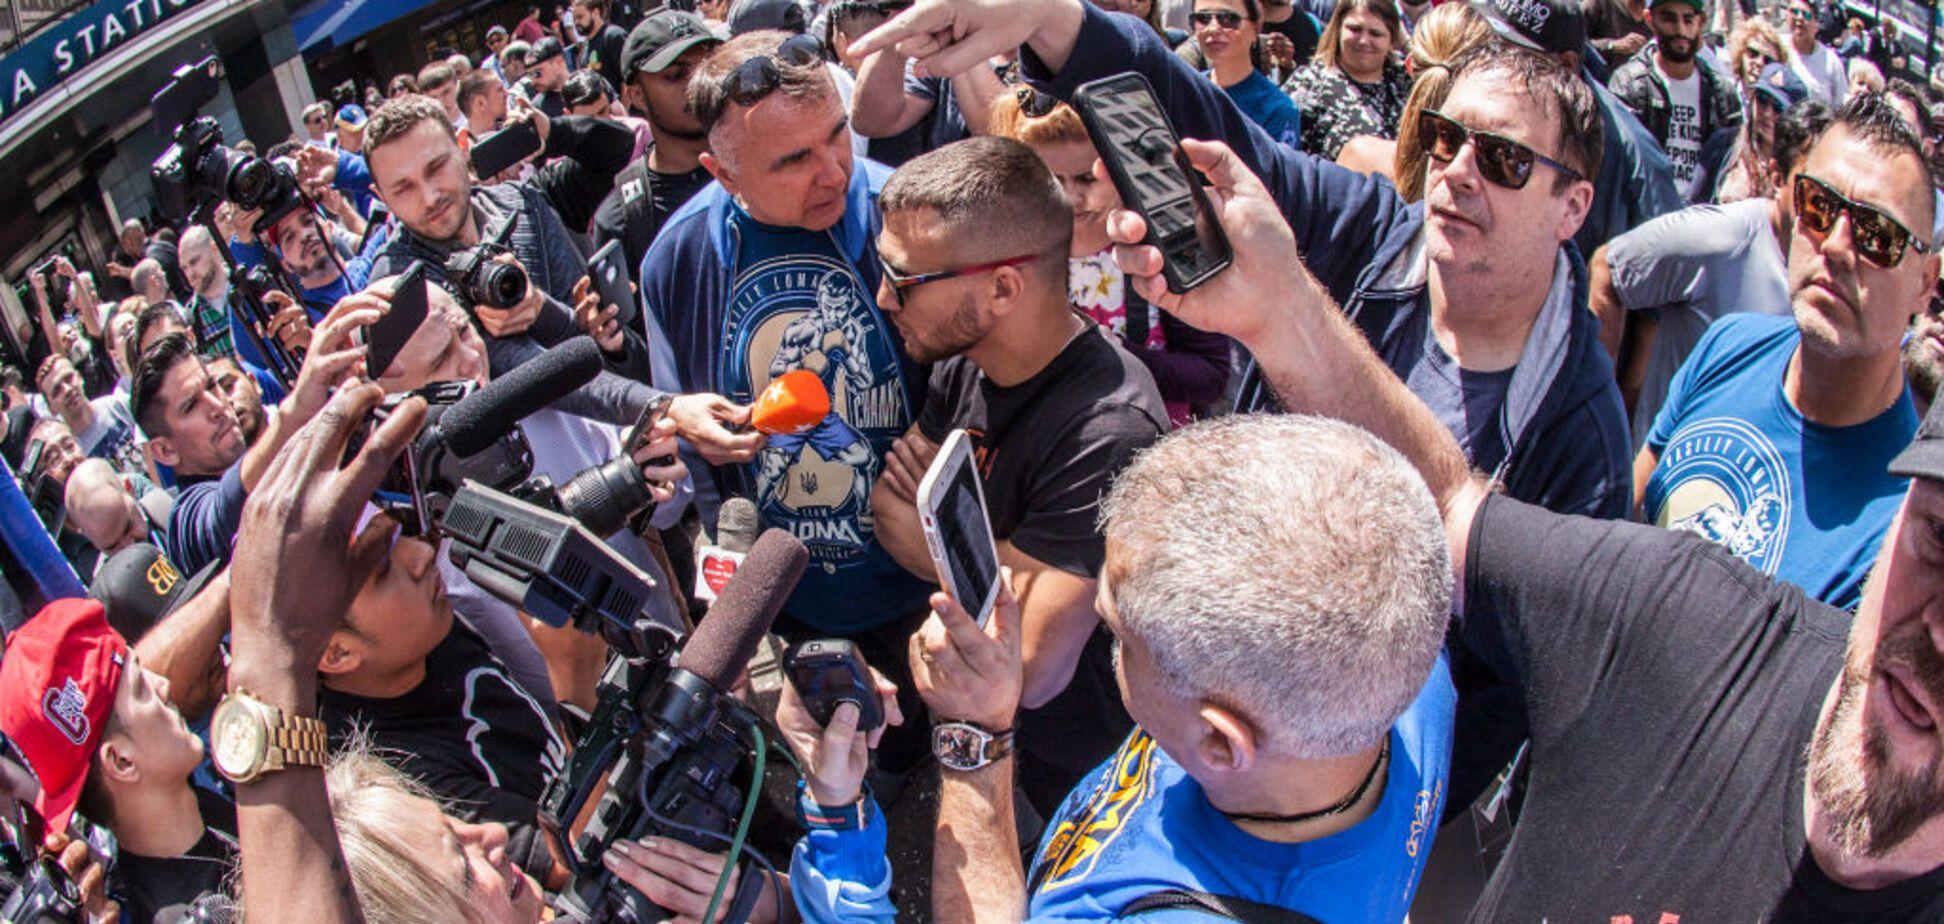 'Реально кращий!' Ексклюзив 'Обозревателя' з США про бій Ломаченко